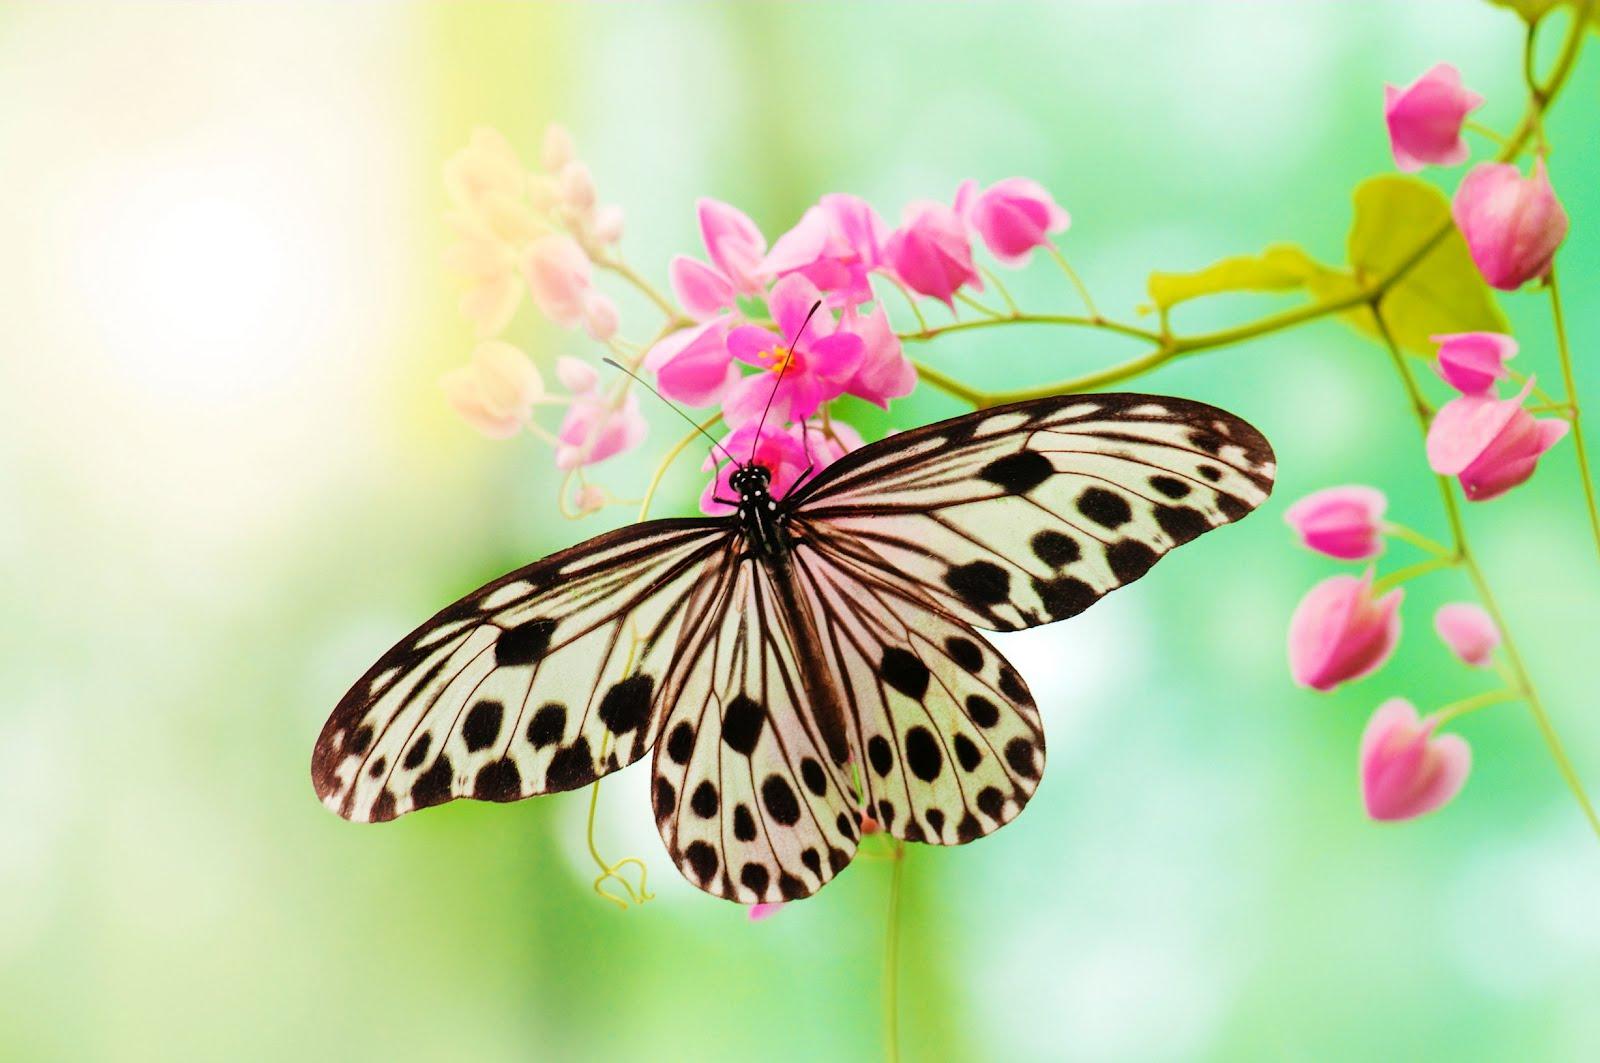 Imagenes de Mariposas Bonitas y Fondos de pantalla de